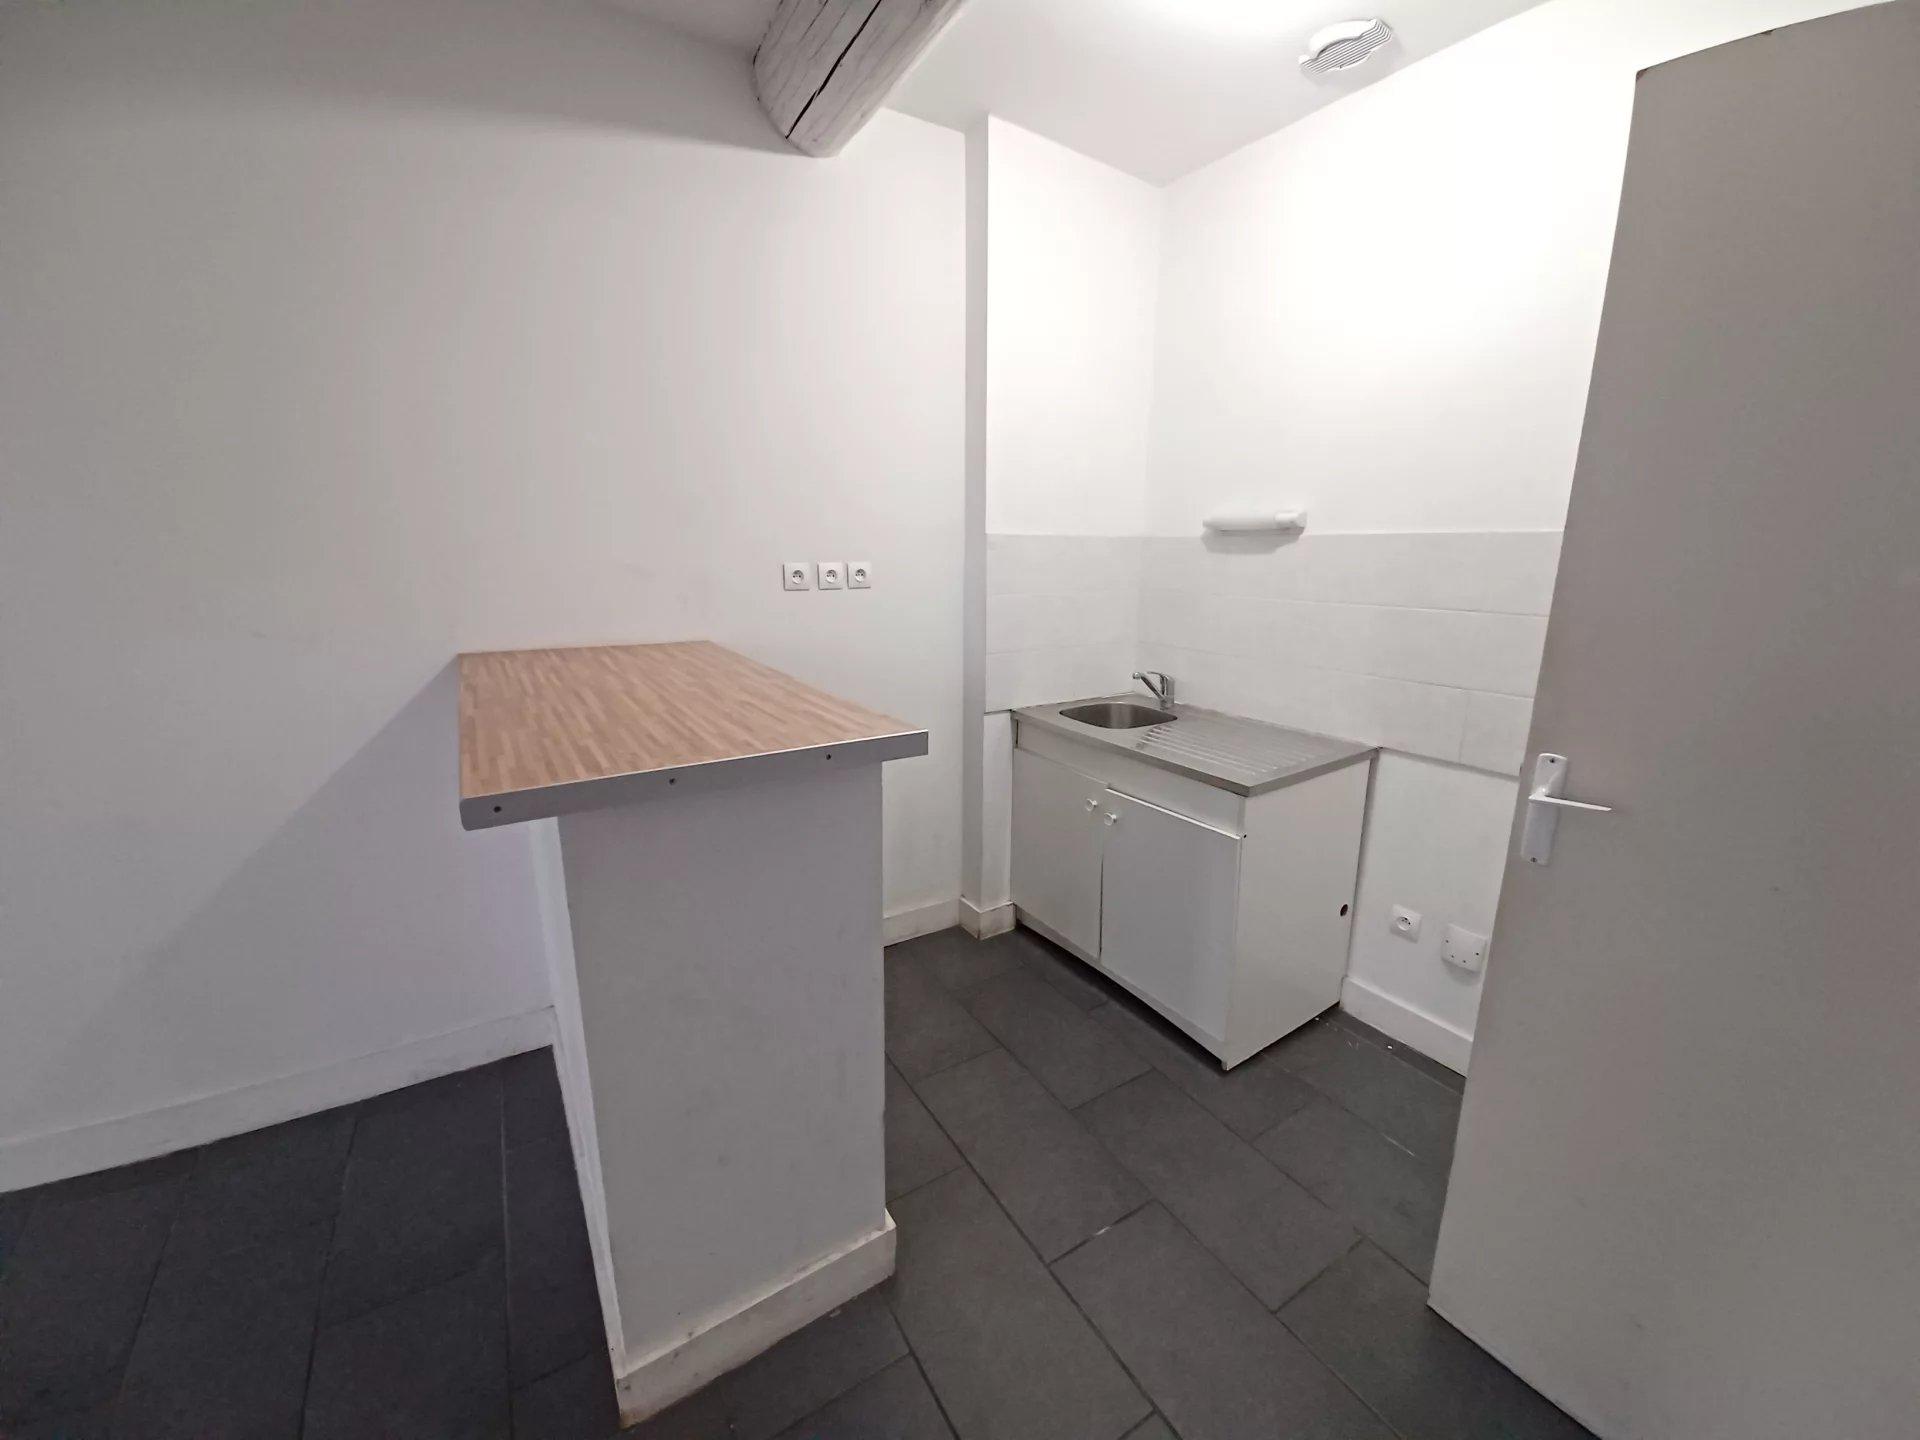 Location Appartement BEAUCAIRE surface habitable de 47 m²